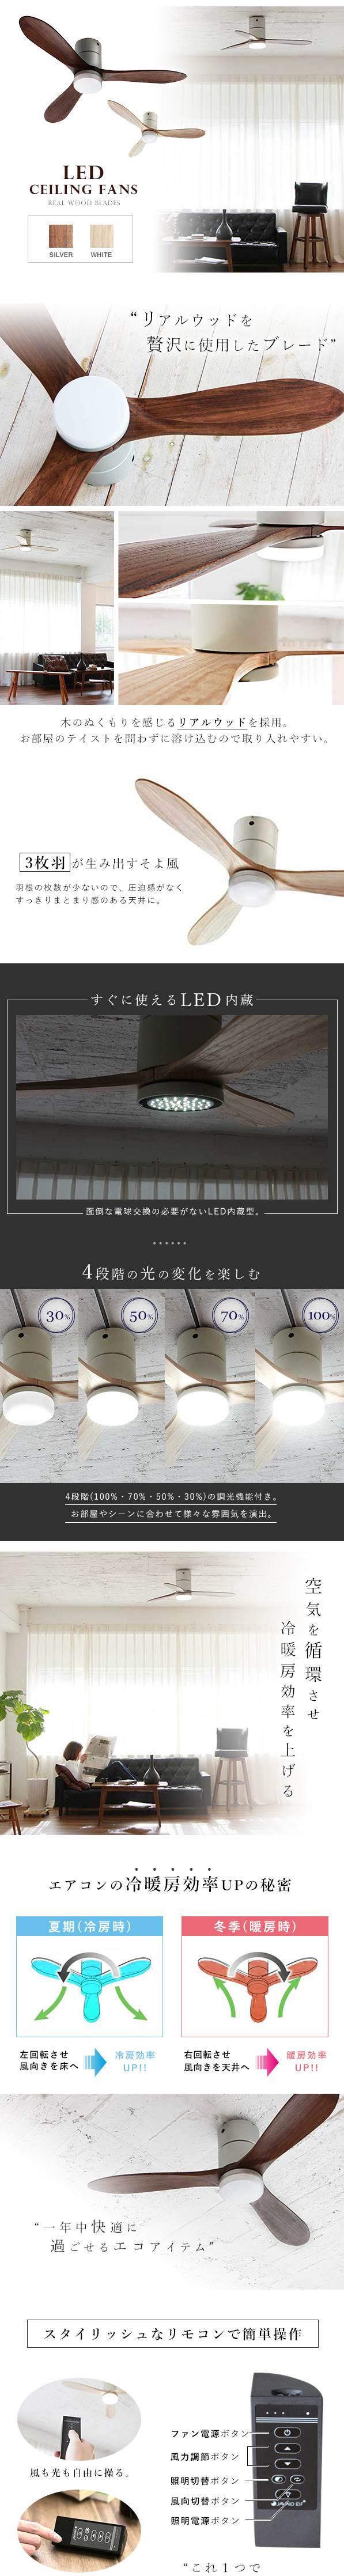 LED シーリングファン リアルウッド ブレード